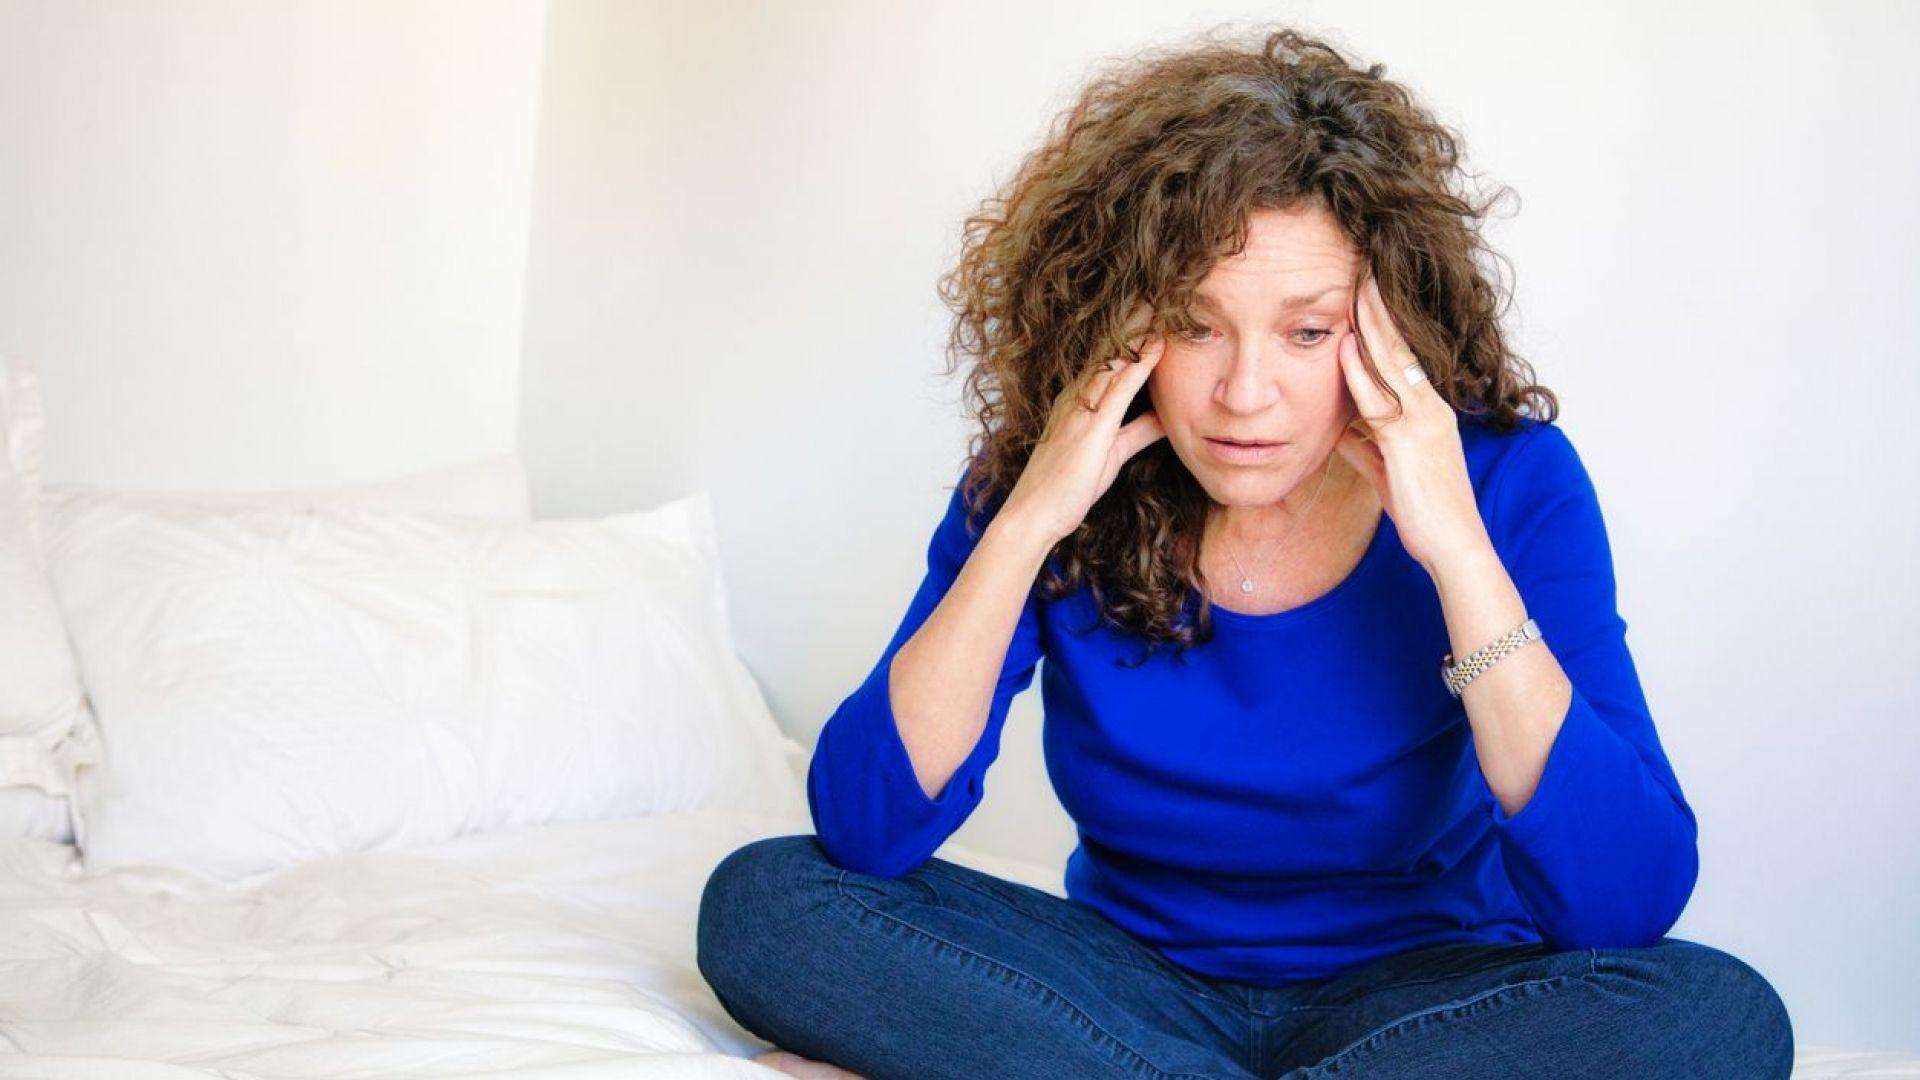 Една трета от жените крият симптомите на менопауза на работното си място